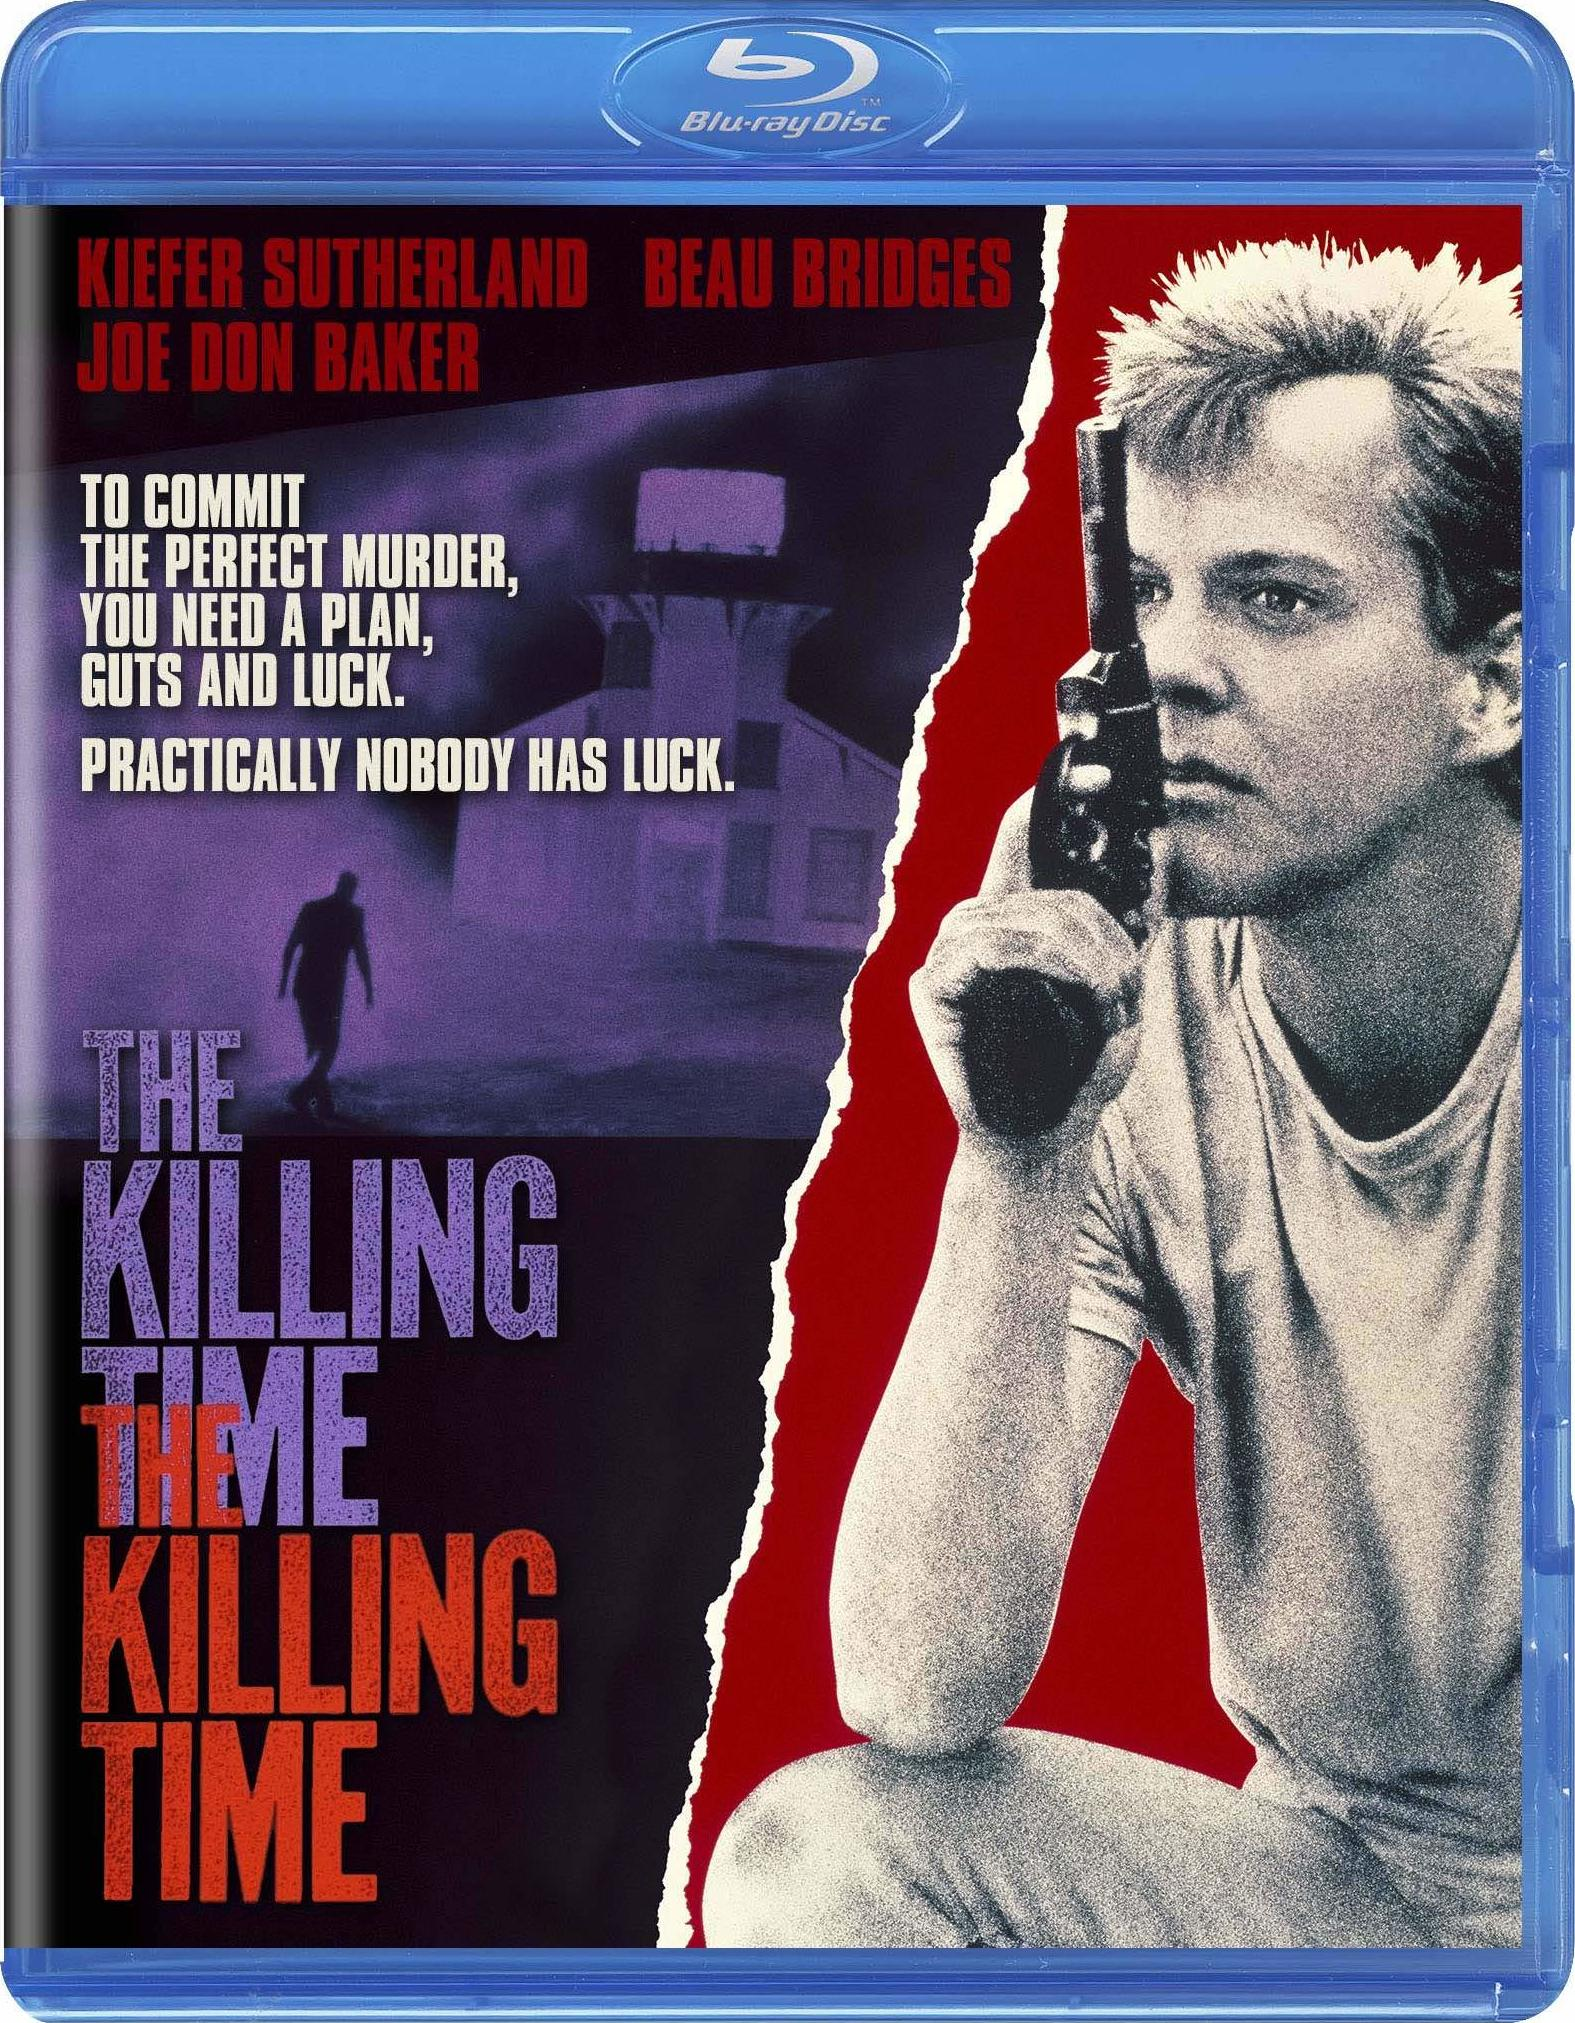 The Killing Time (1987)